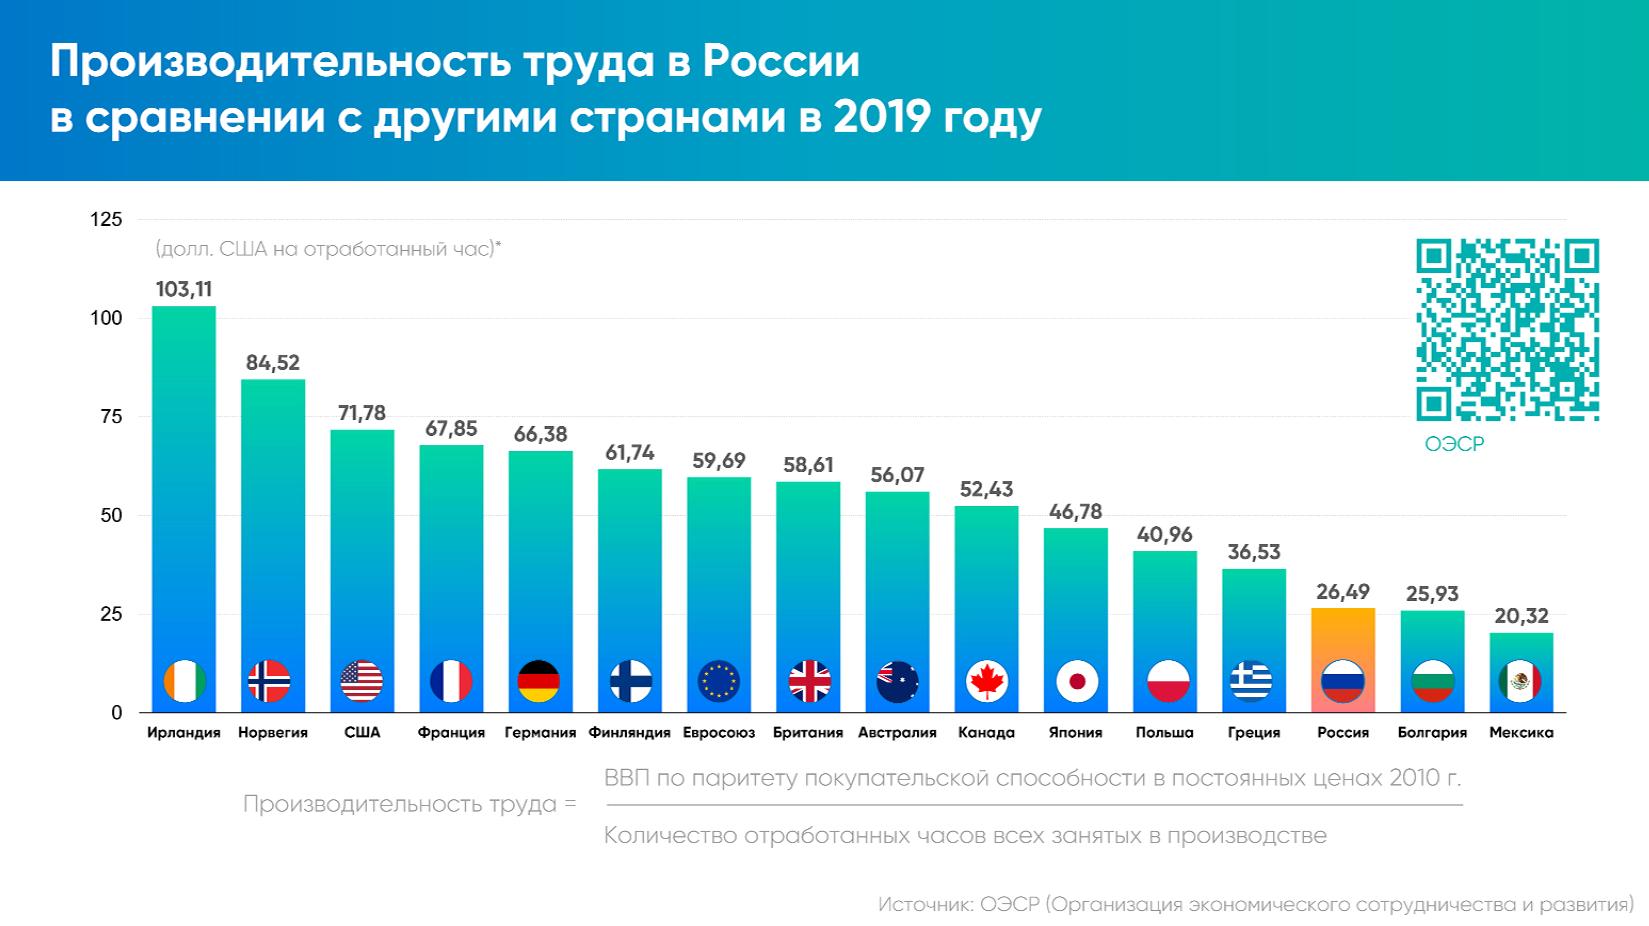 Производительность труда в странах мира.